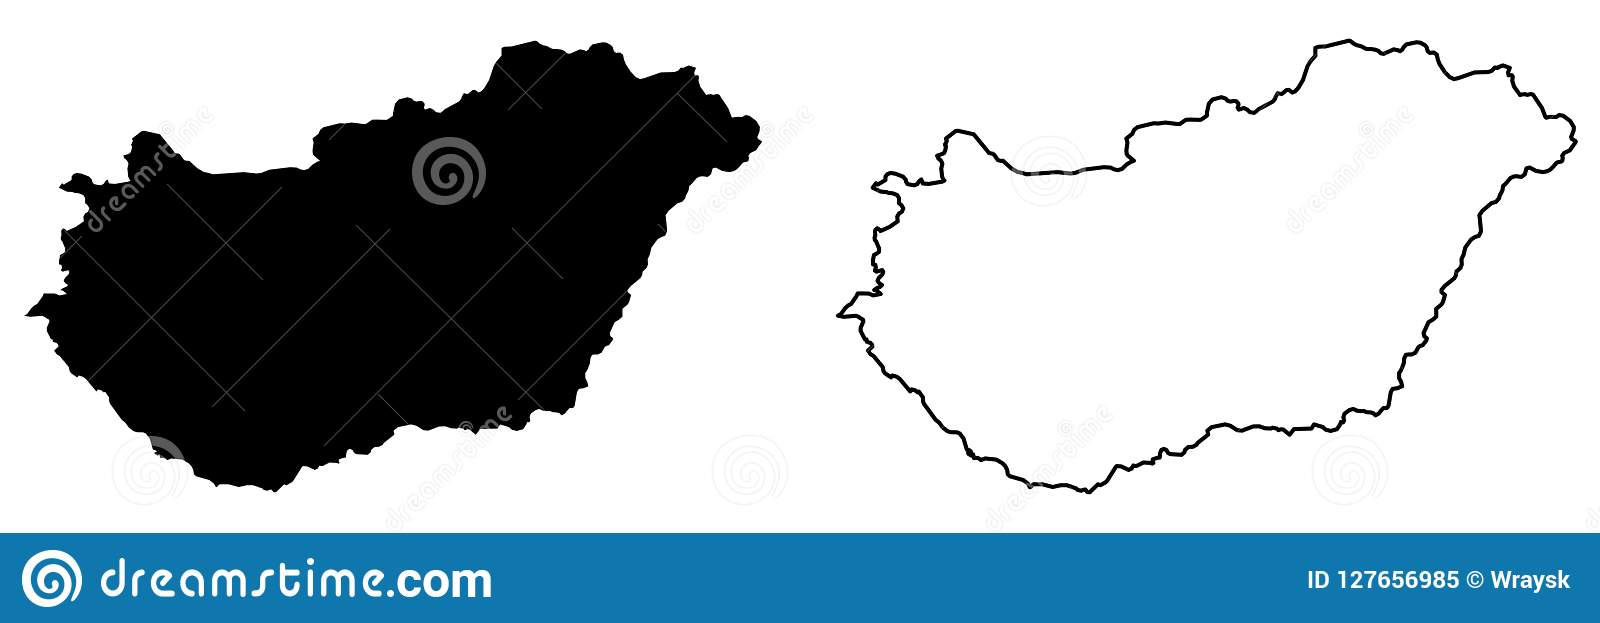 Απλός μόνο αιχμηρός χάρτης γωνιών του διανυσματικού σχεδίου της Ουγγαρίας Merca